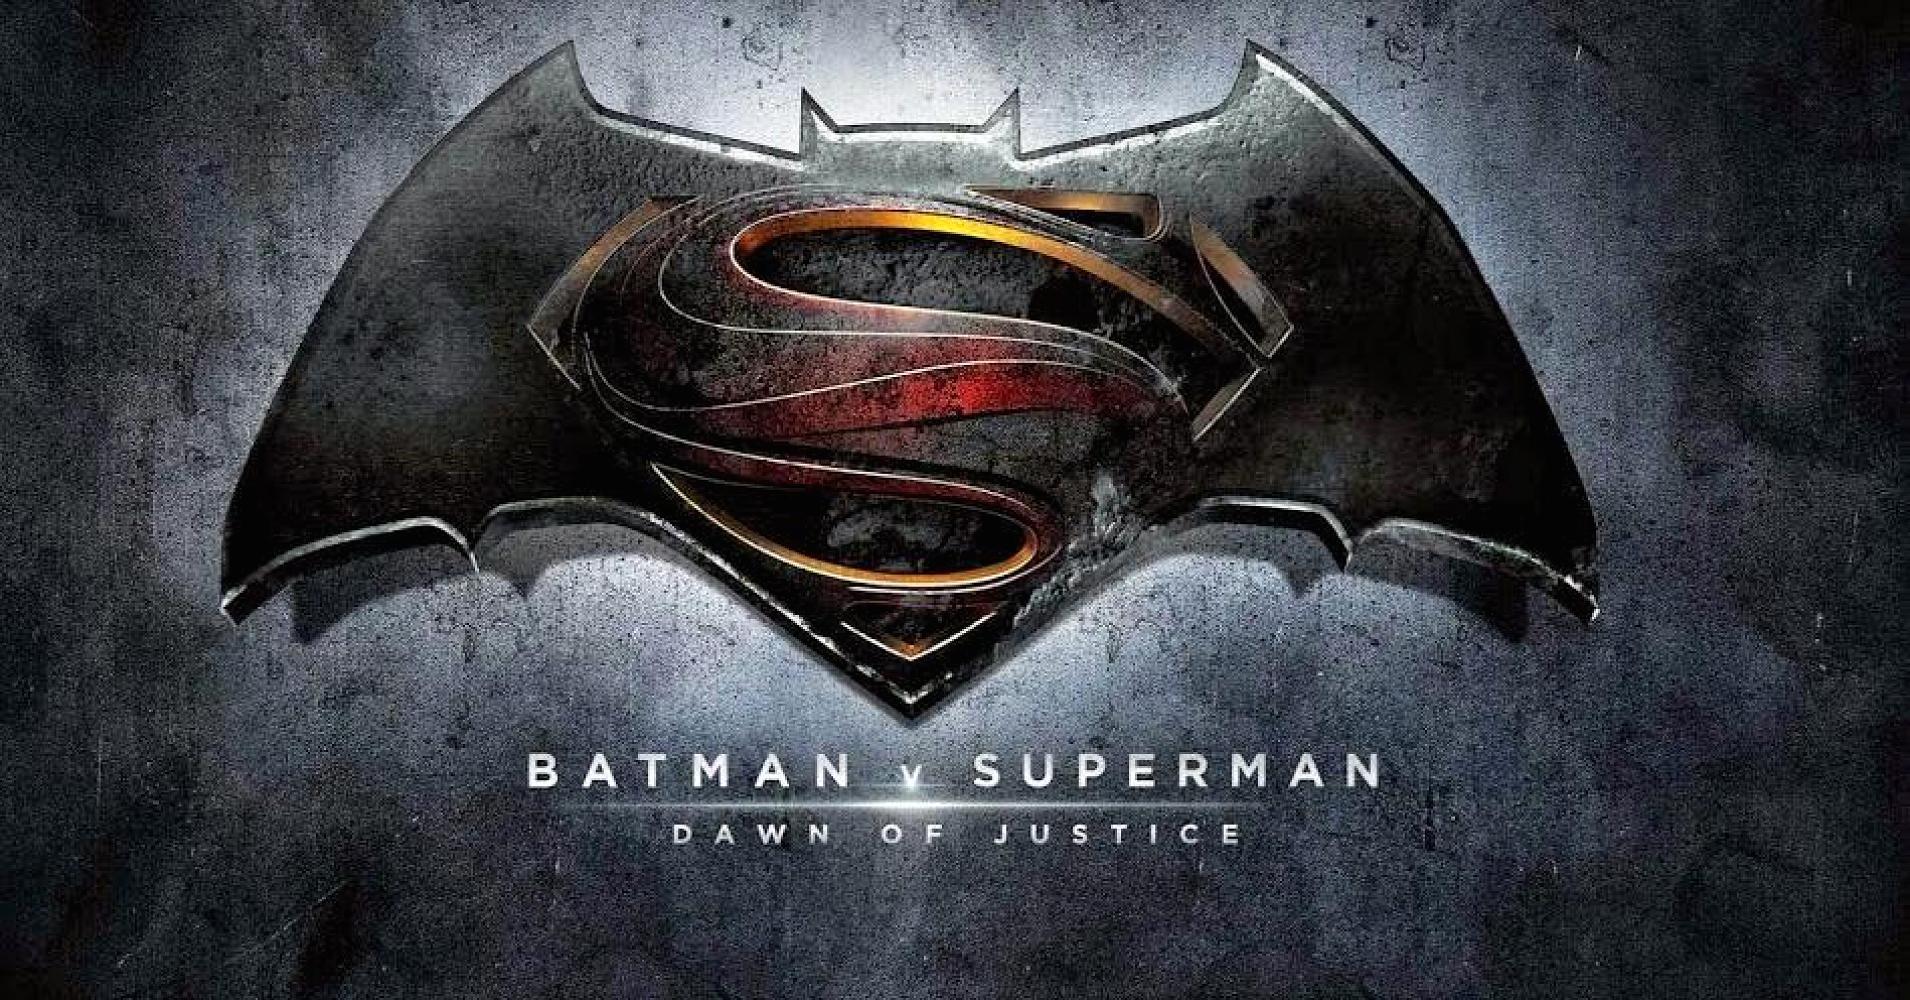 Batman Vs Superman Backgrounds, Compatible - PC, Mobile, Gadgets| 1910x1000 px